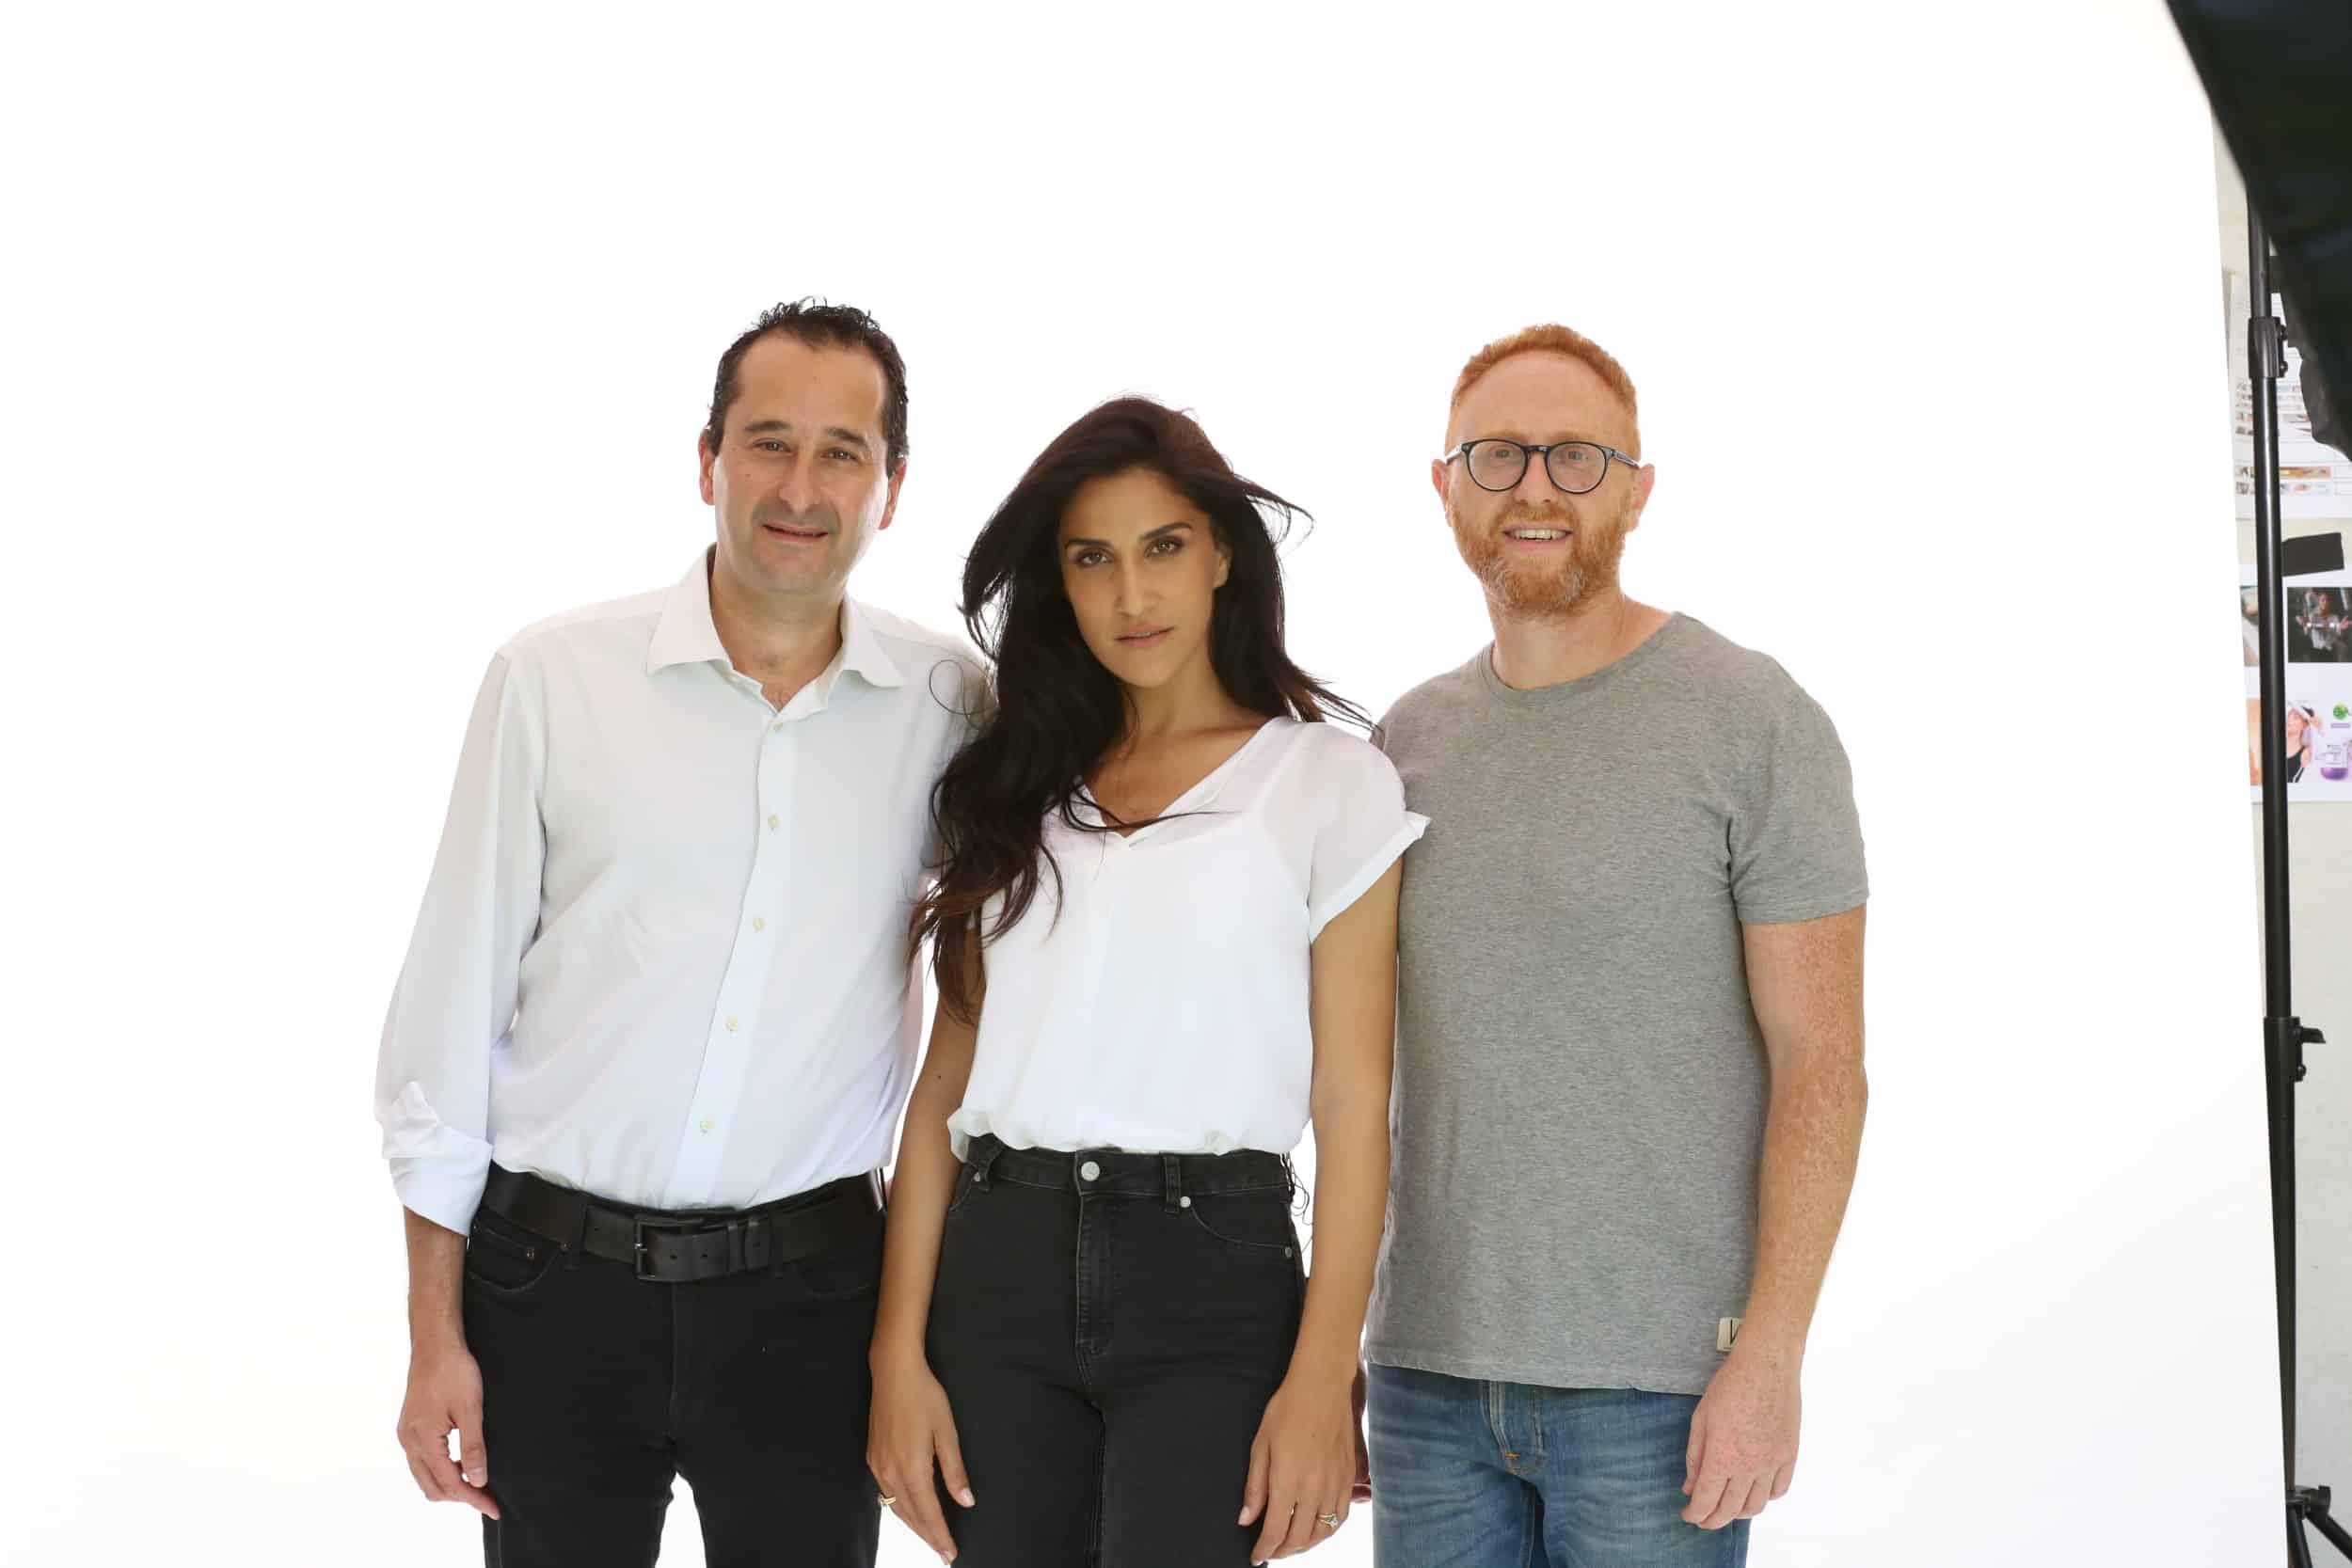 מאור חן מנכל מקאן דיגיטל, מגי אזרזר ואילן נקש מנהל חטיבת מוצרי צריכה בלוריאל ישראל בצילומים לקמפיין גרנייה צילום גבע טלמור (2)